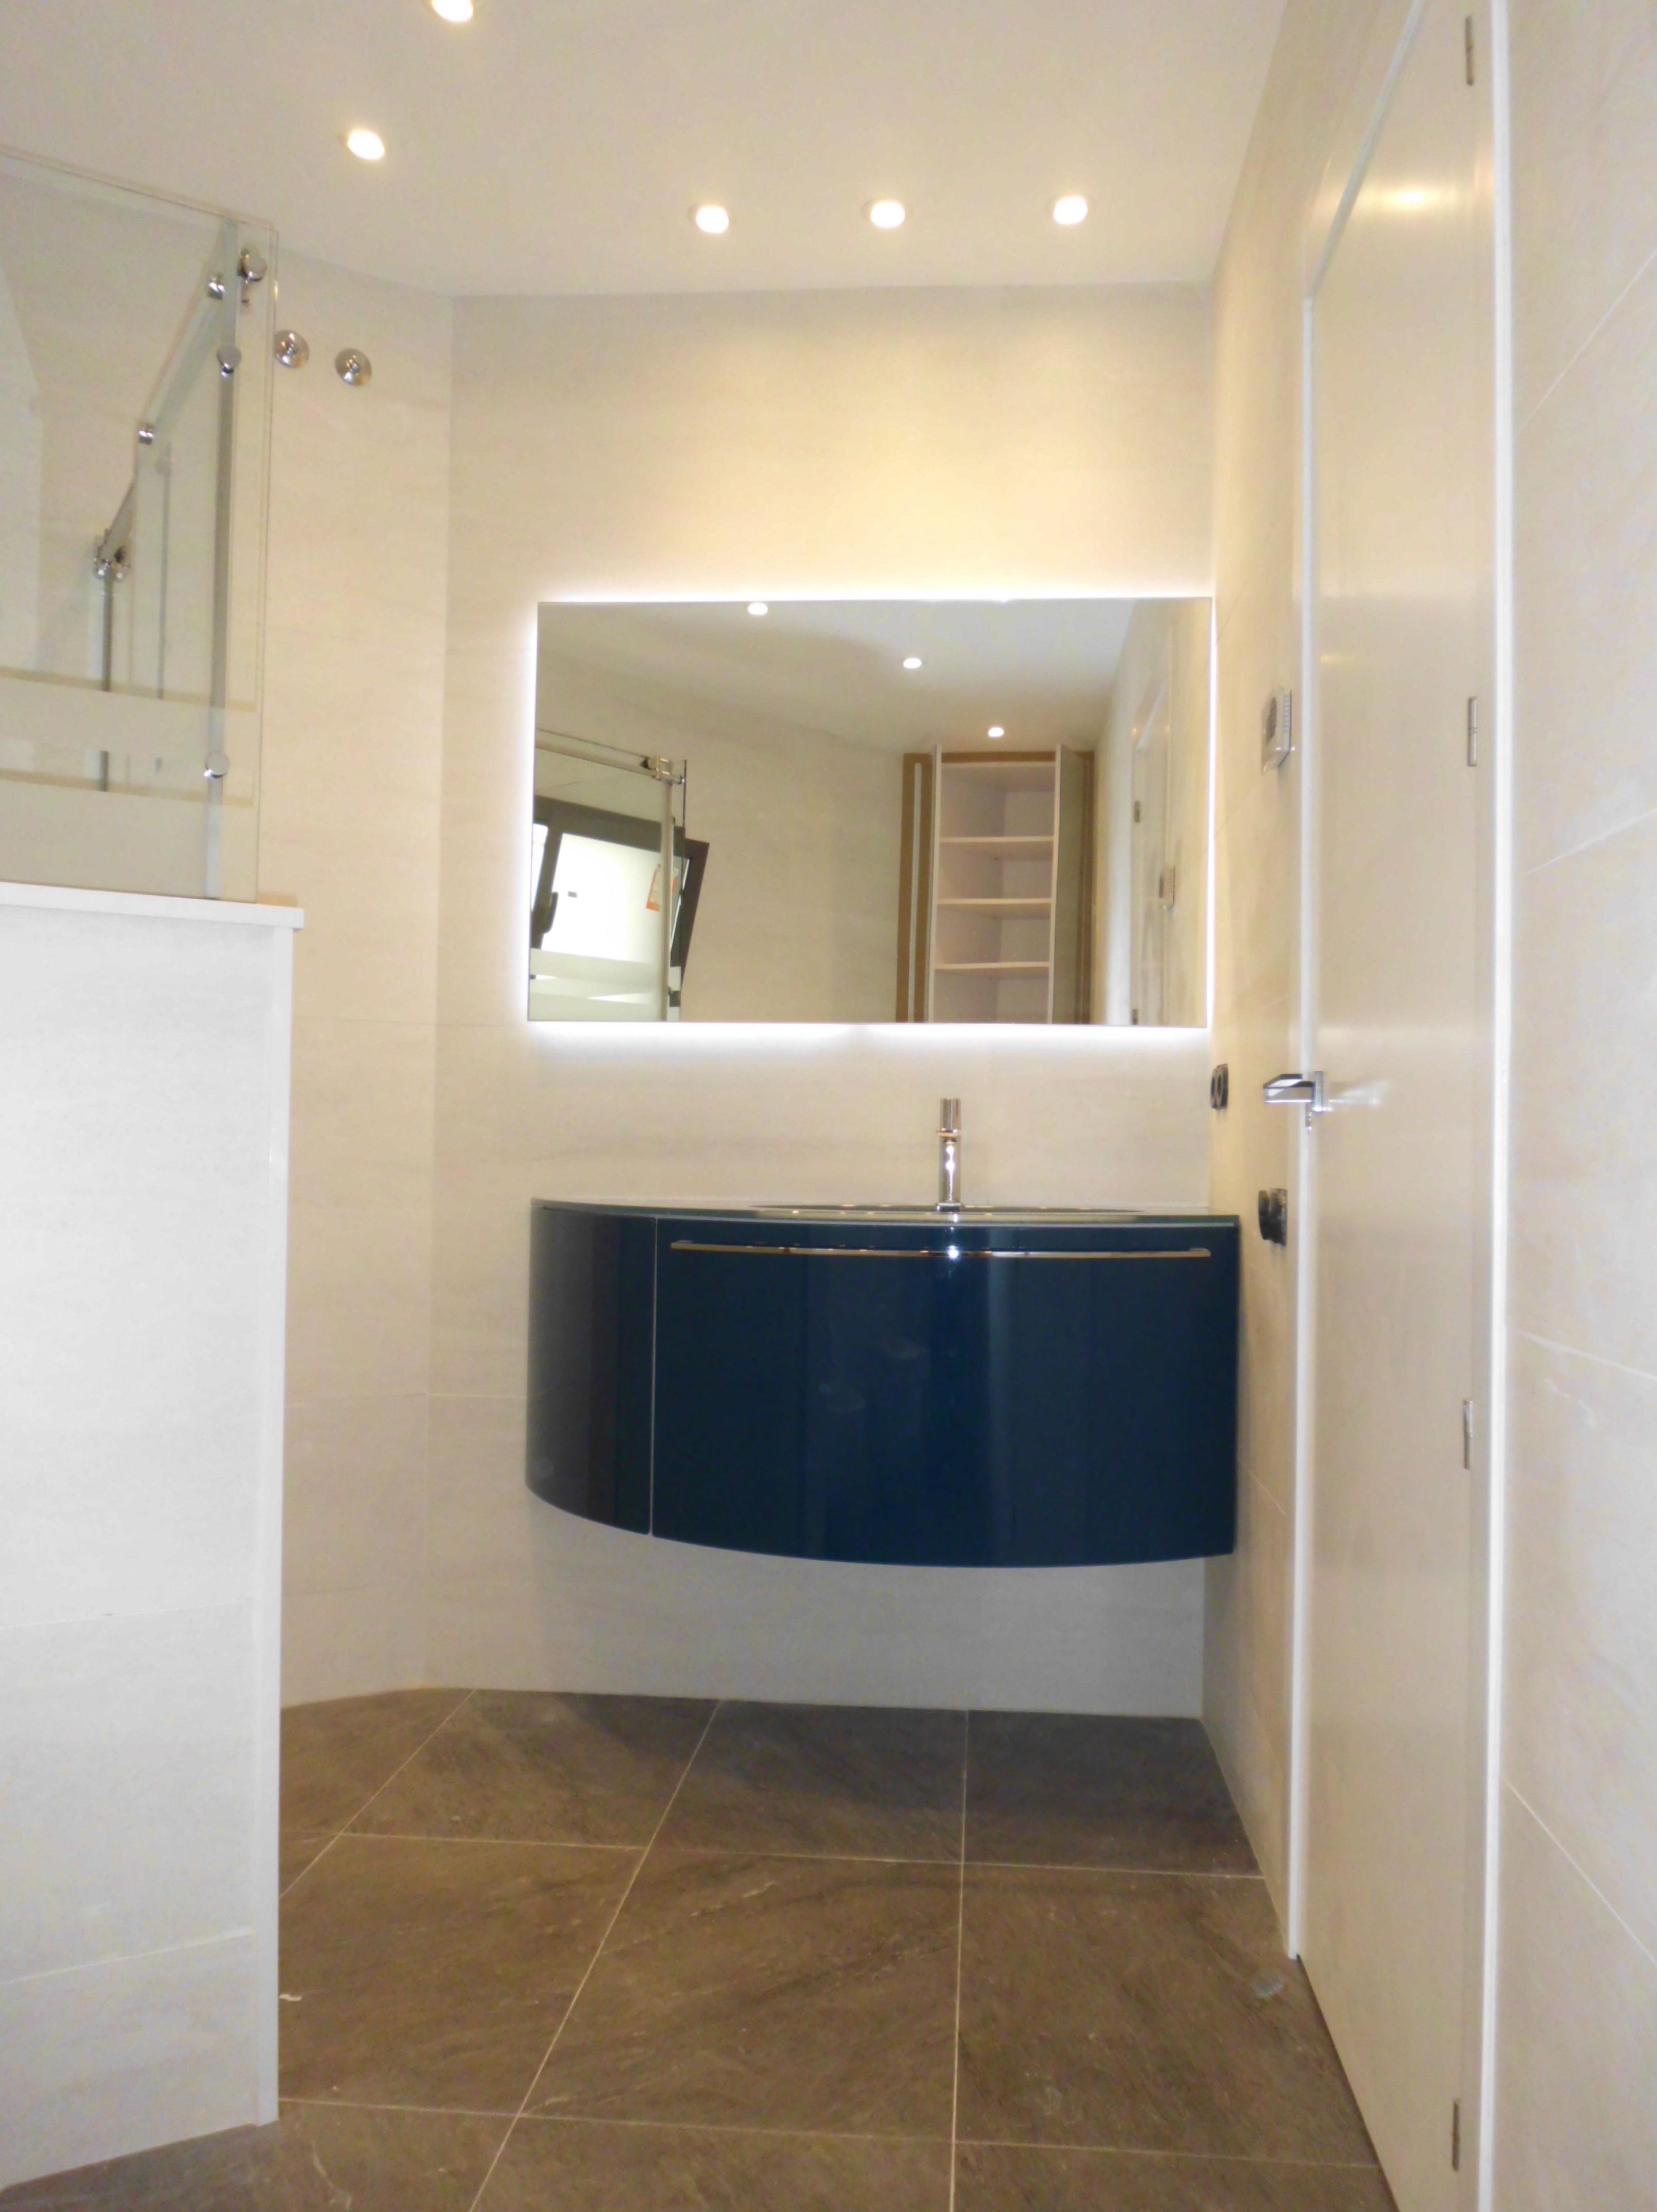 Reforma integral de de alta calidad de un piso \u002D Muebles baño